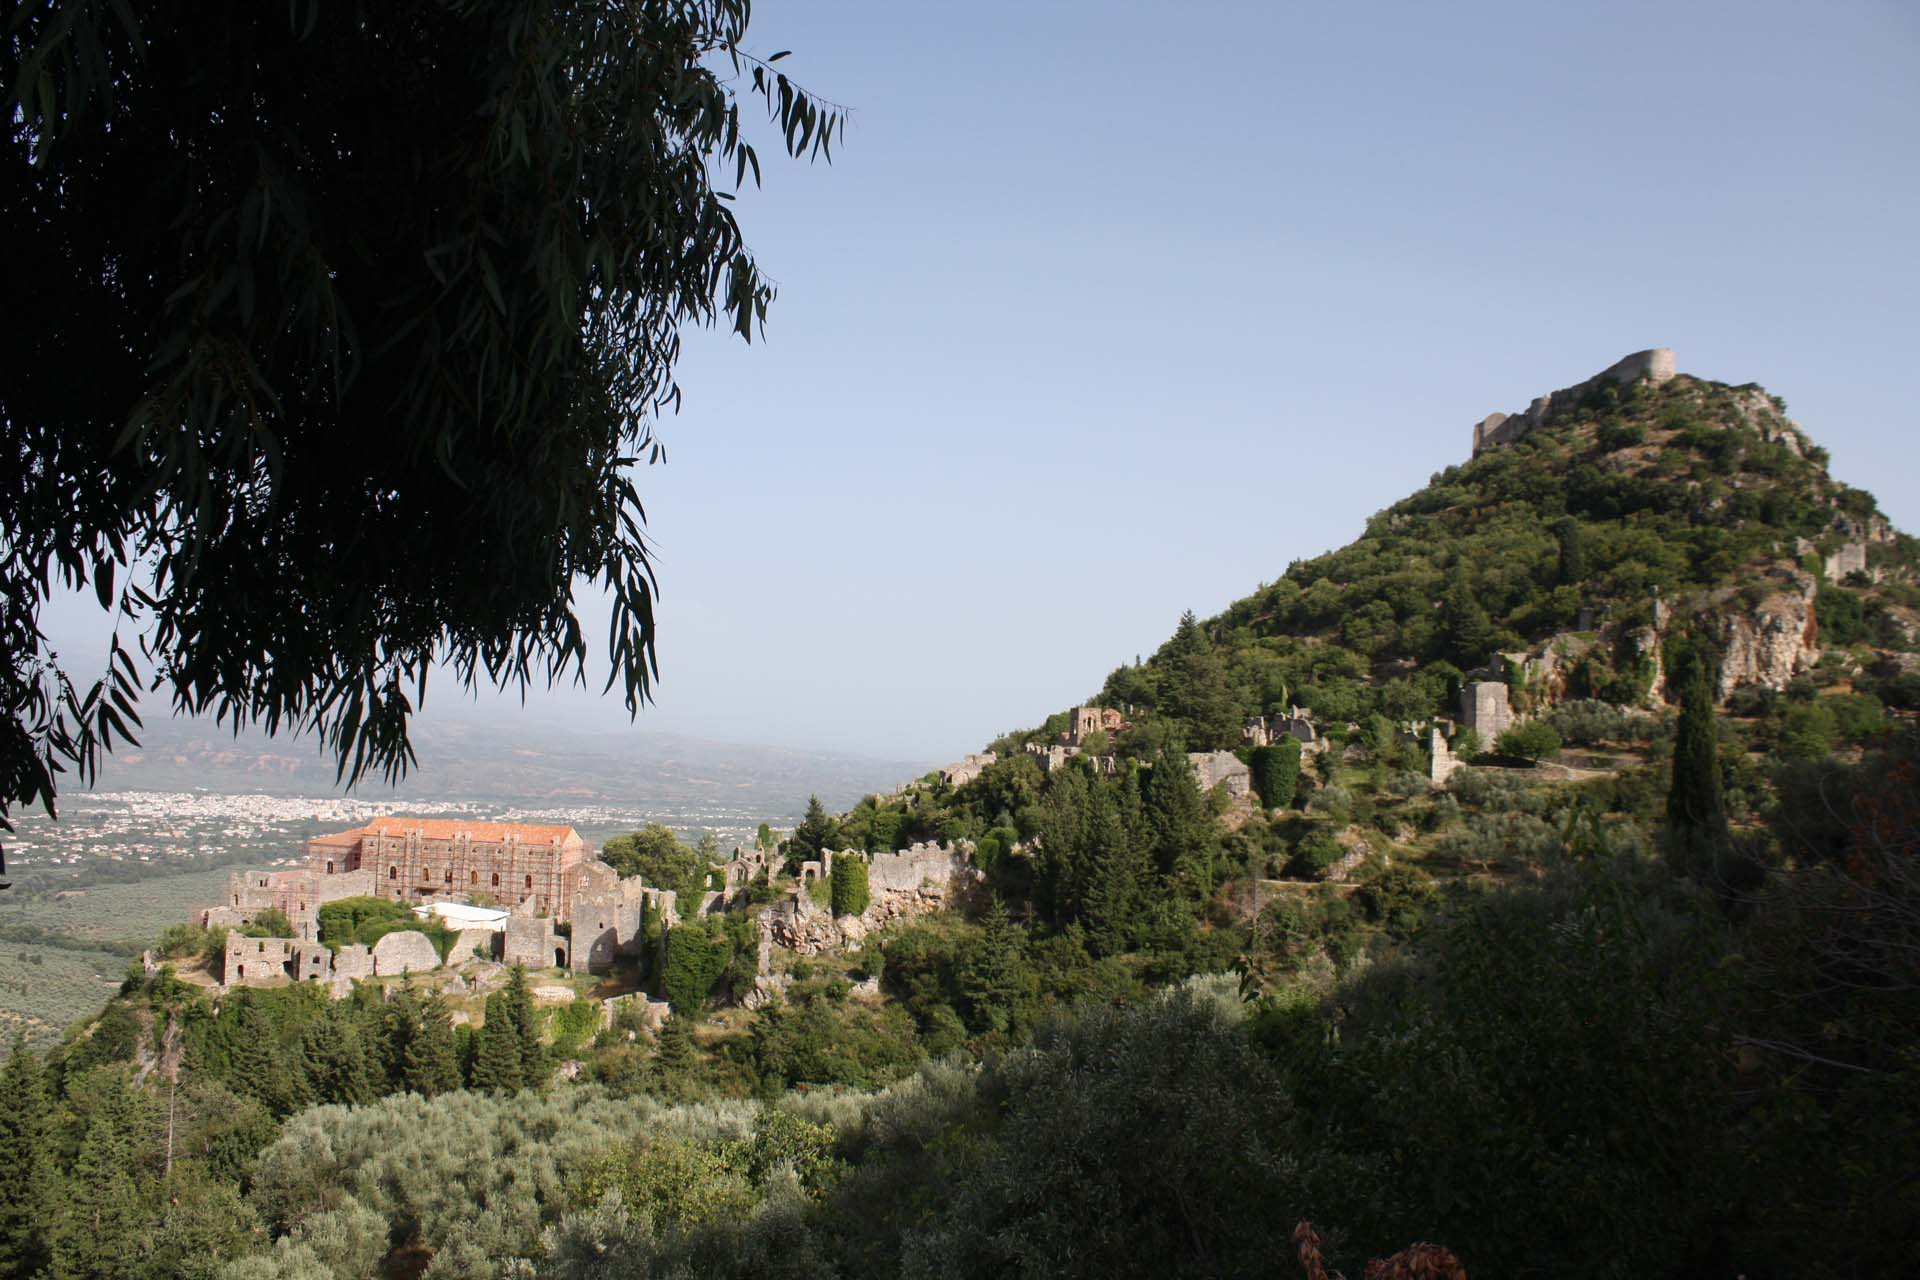 Vista sulla città alta e sulla fortezza di Villehardouin a Mistra